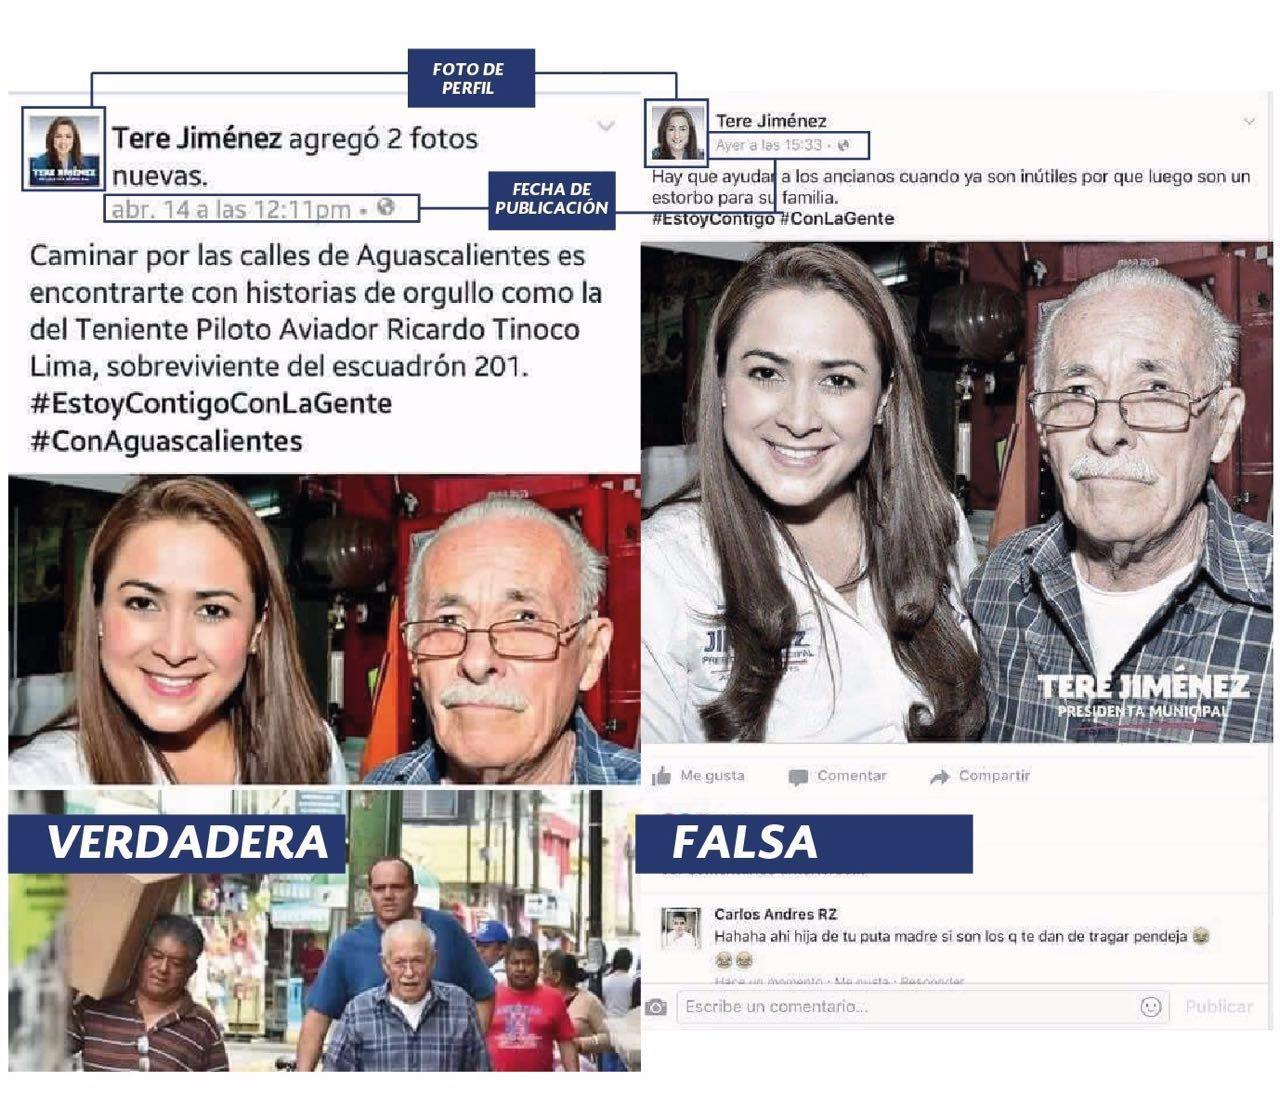 PAN asegura que es falsa página de Facebook de Tere Jiménez